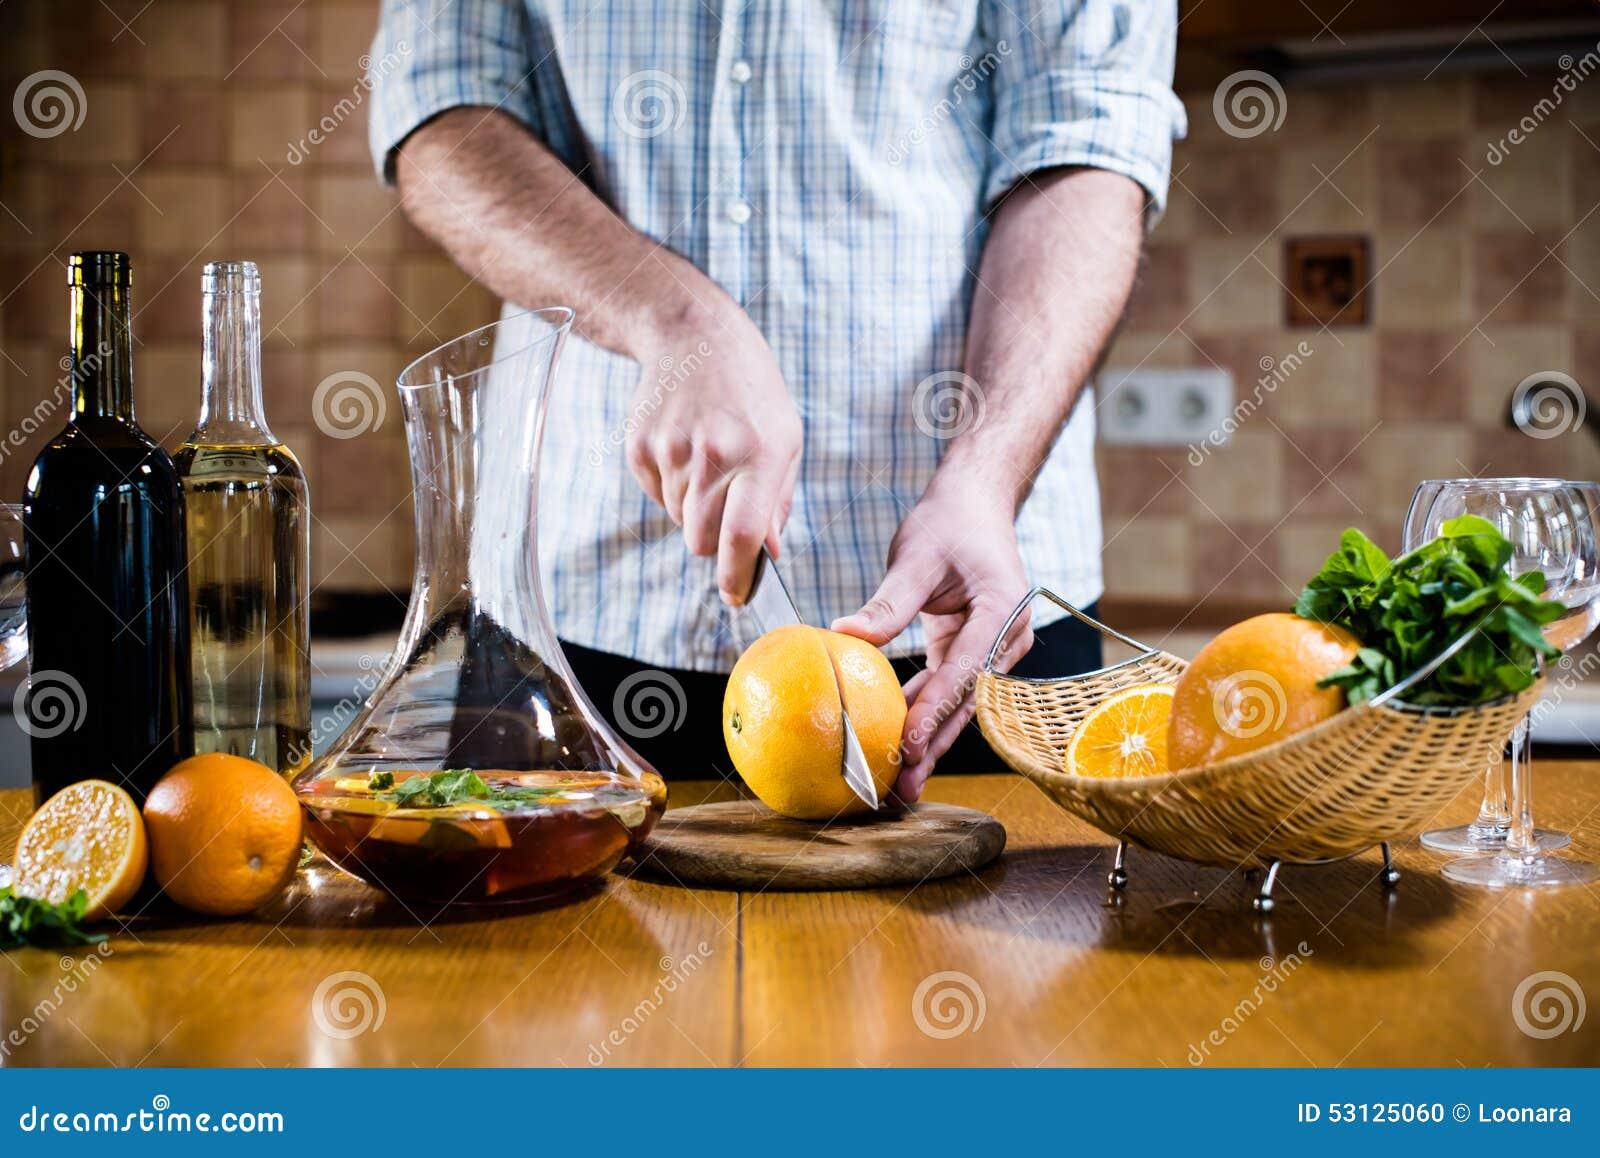 O homem corta toranjas frescas